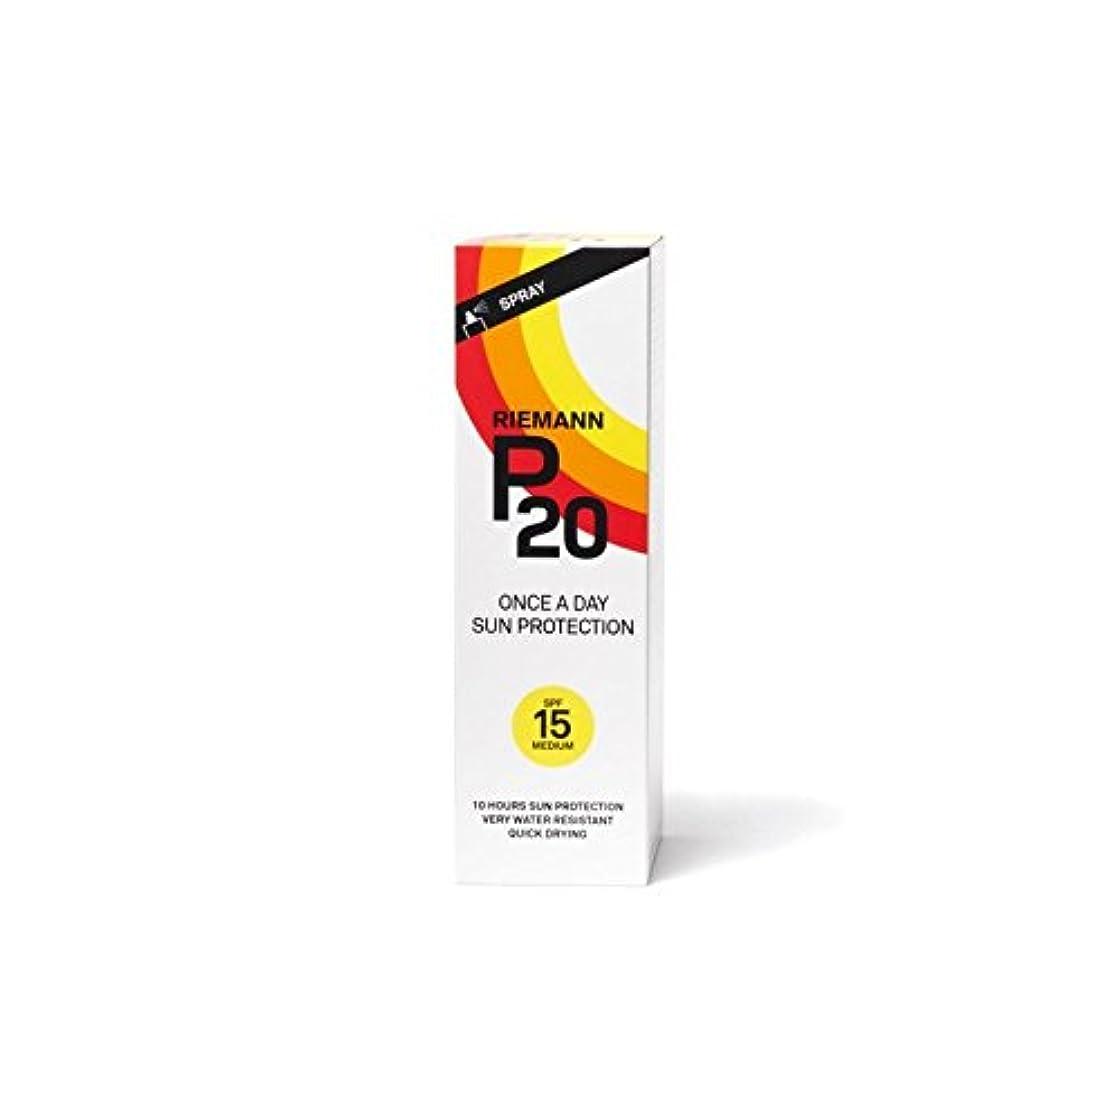 見込みナース日曜日Riemann P20 Sun Filter 100ml SPF15 - リーマン20のサンフィルター100ミリリットル15 [並行輸入品]